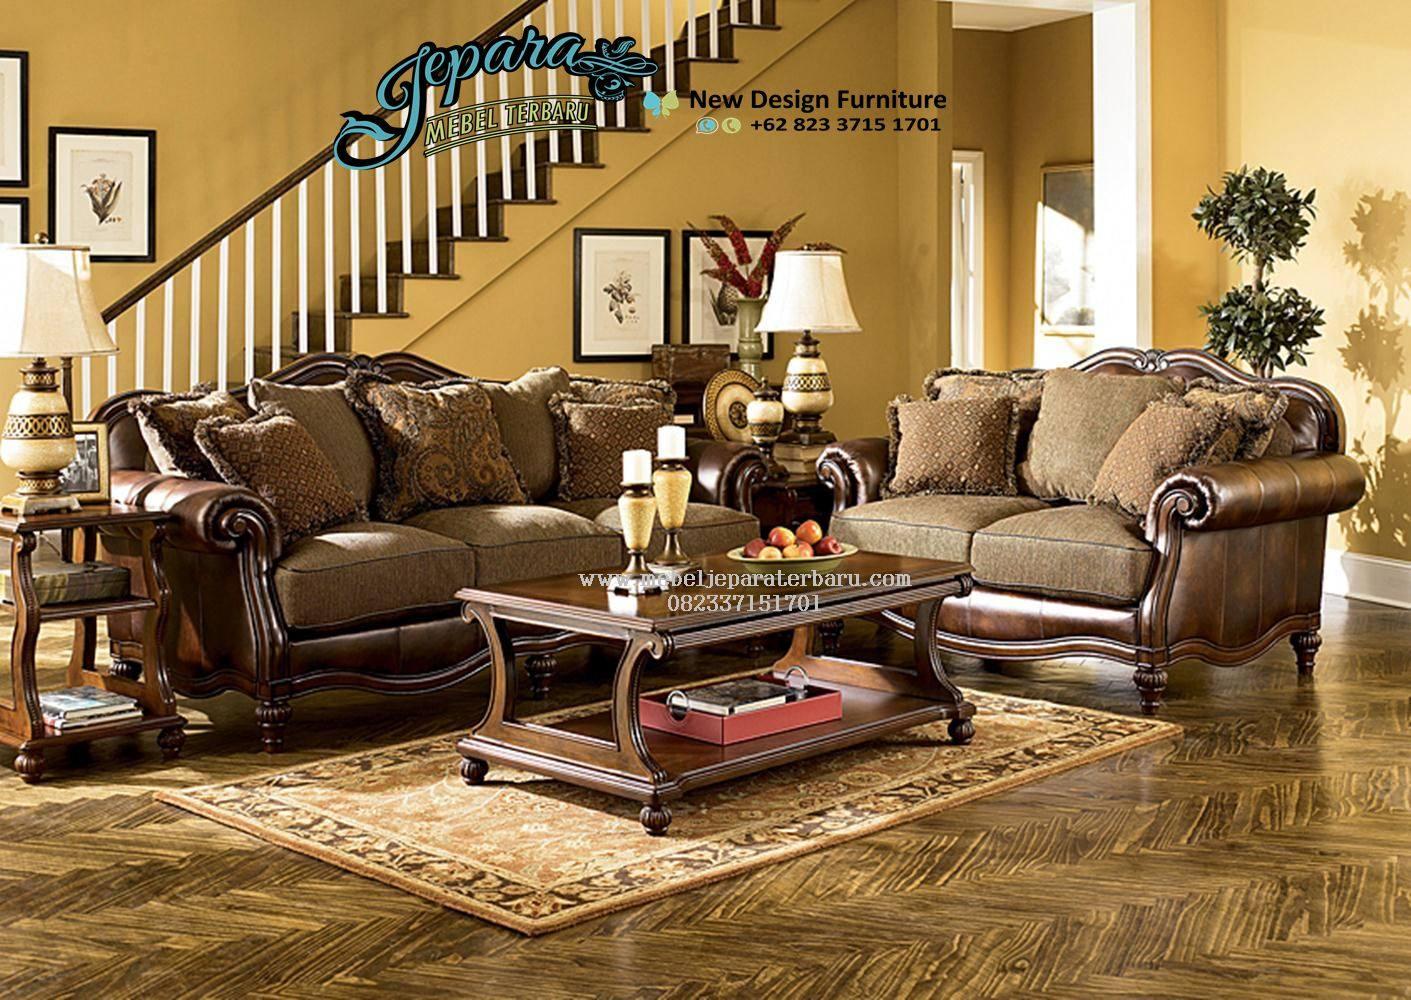 Set Kursi Sofa Tamu Klasik Mewah Terbaru SST-038, Sofa Ruang Tamu Klasik Mewah Jepara L Sudut Eropa, Gambar Mebel Jepara, Gambar Sofa Ruang Tamu Terbaru, Harga Kursi Ruang Tamu Mewah, Harga Sofa Tamu Jepara, Jual Furniture Sofa Tamu, Kursi Klasik Mewah, Kursi Sofa Tamu Jepara Mewah Klasik